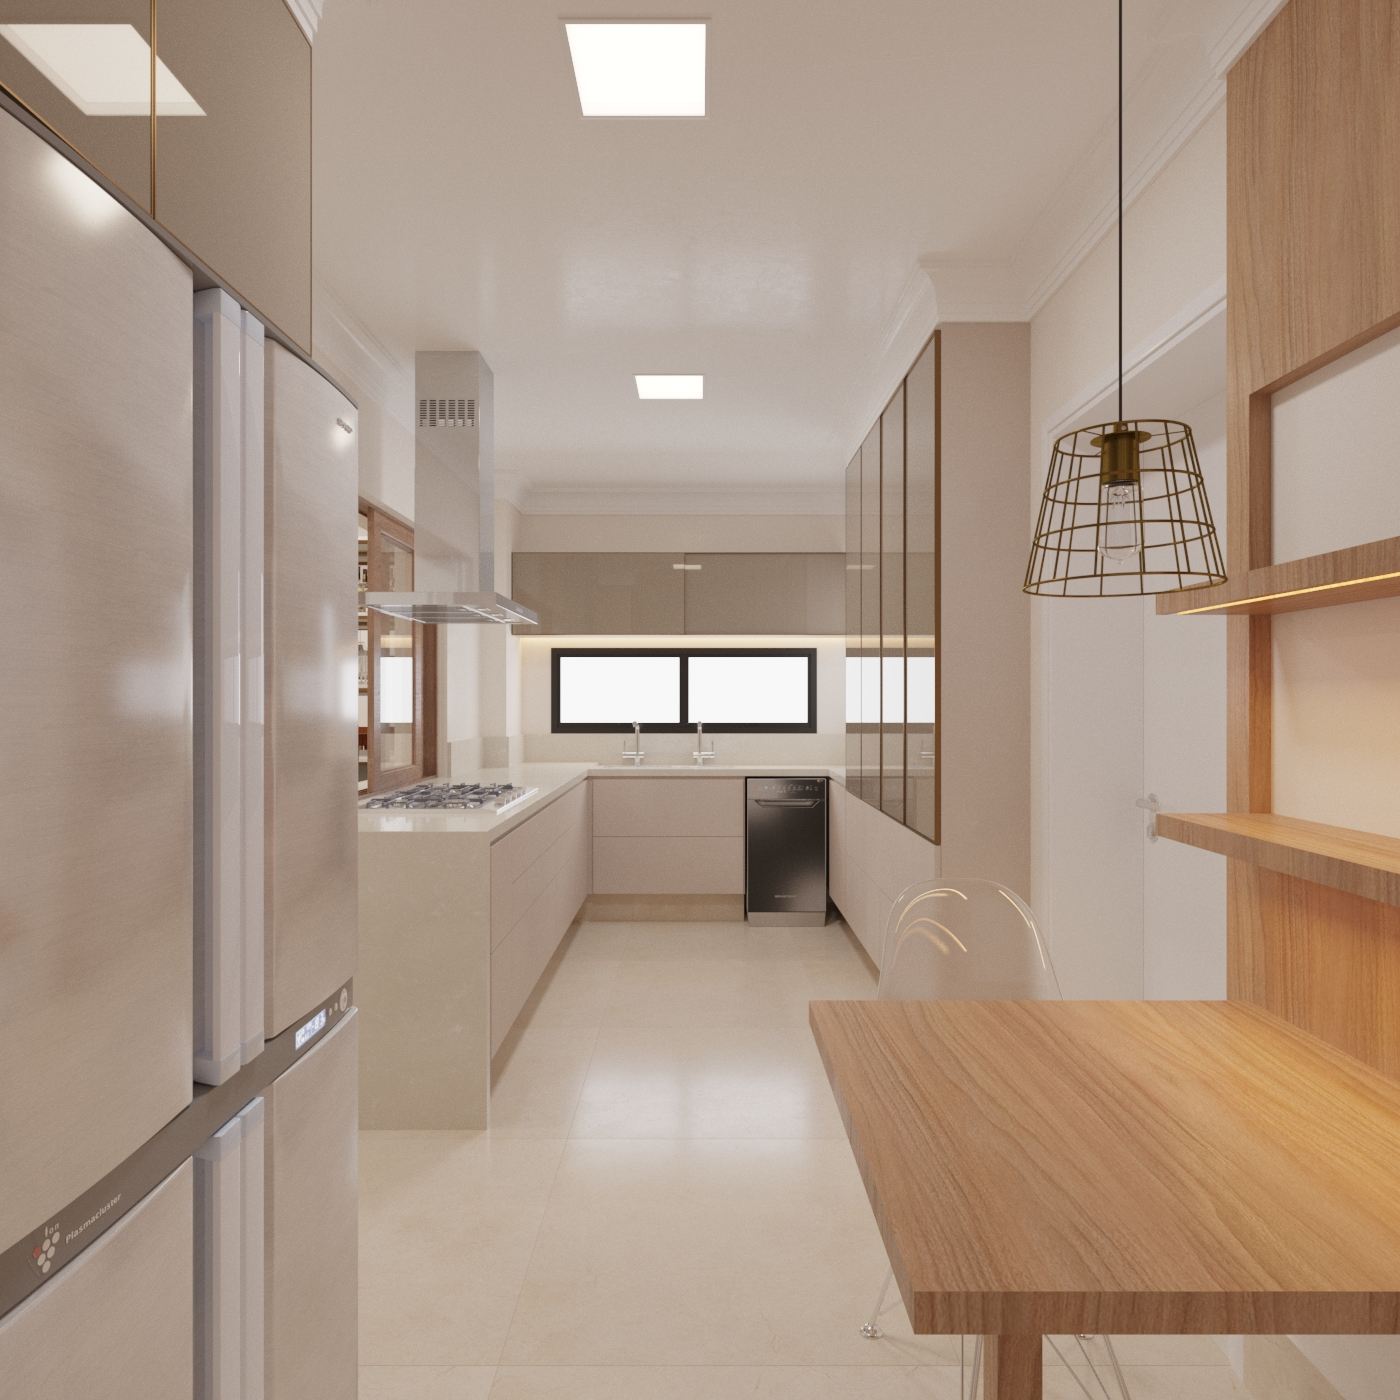 Cozinha - APTO AGF